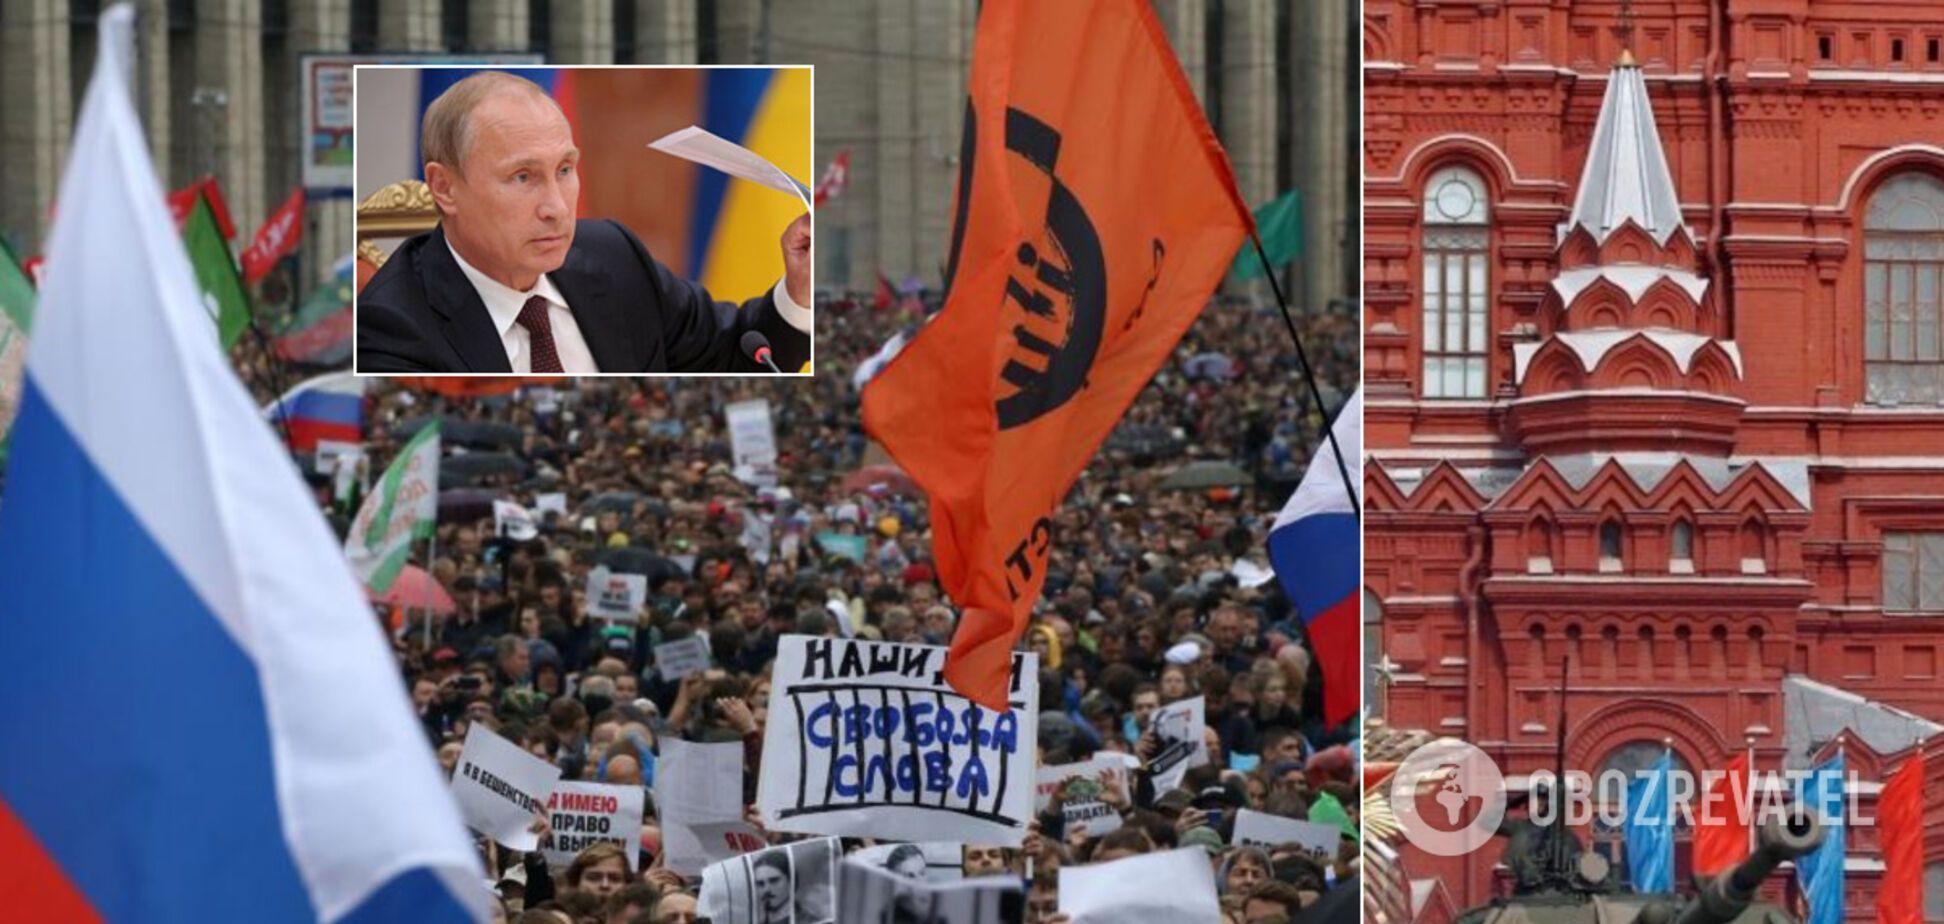 Кремль готується стріляти в народ – експолковник ФСБ